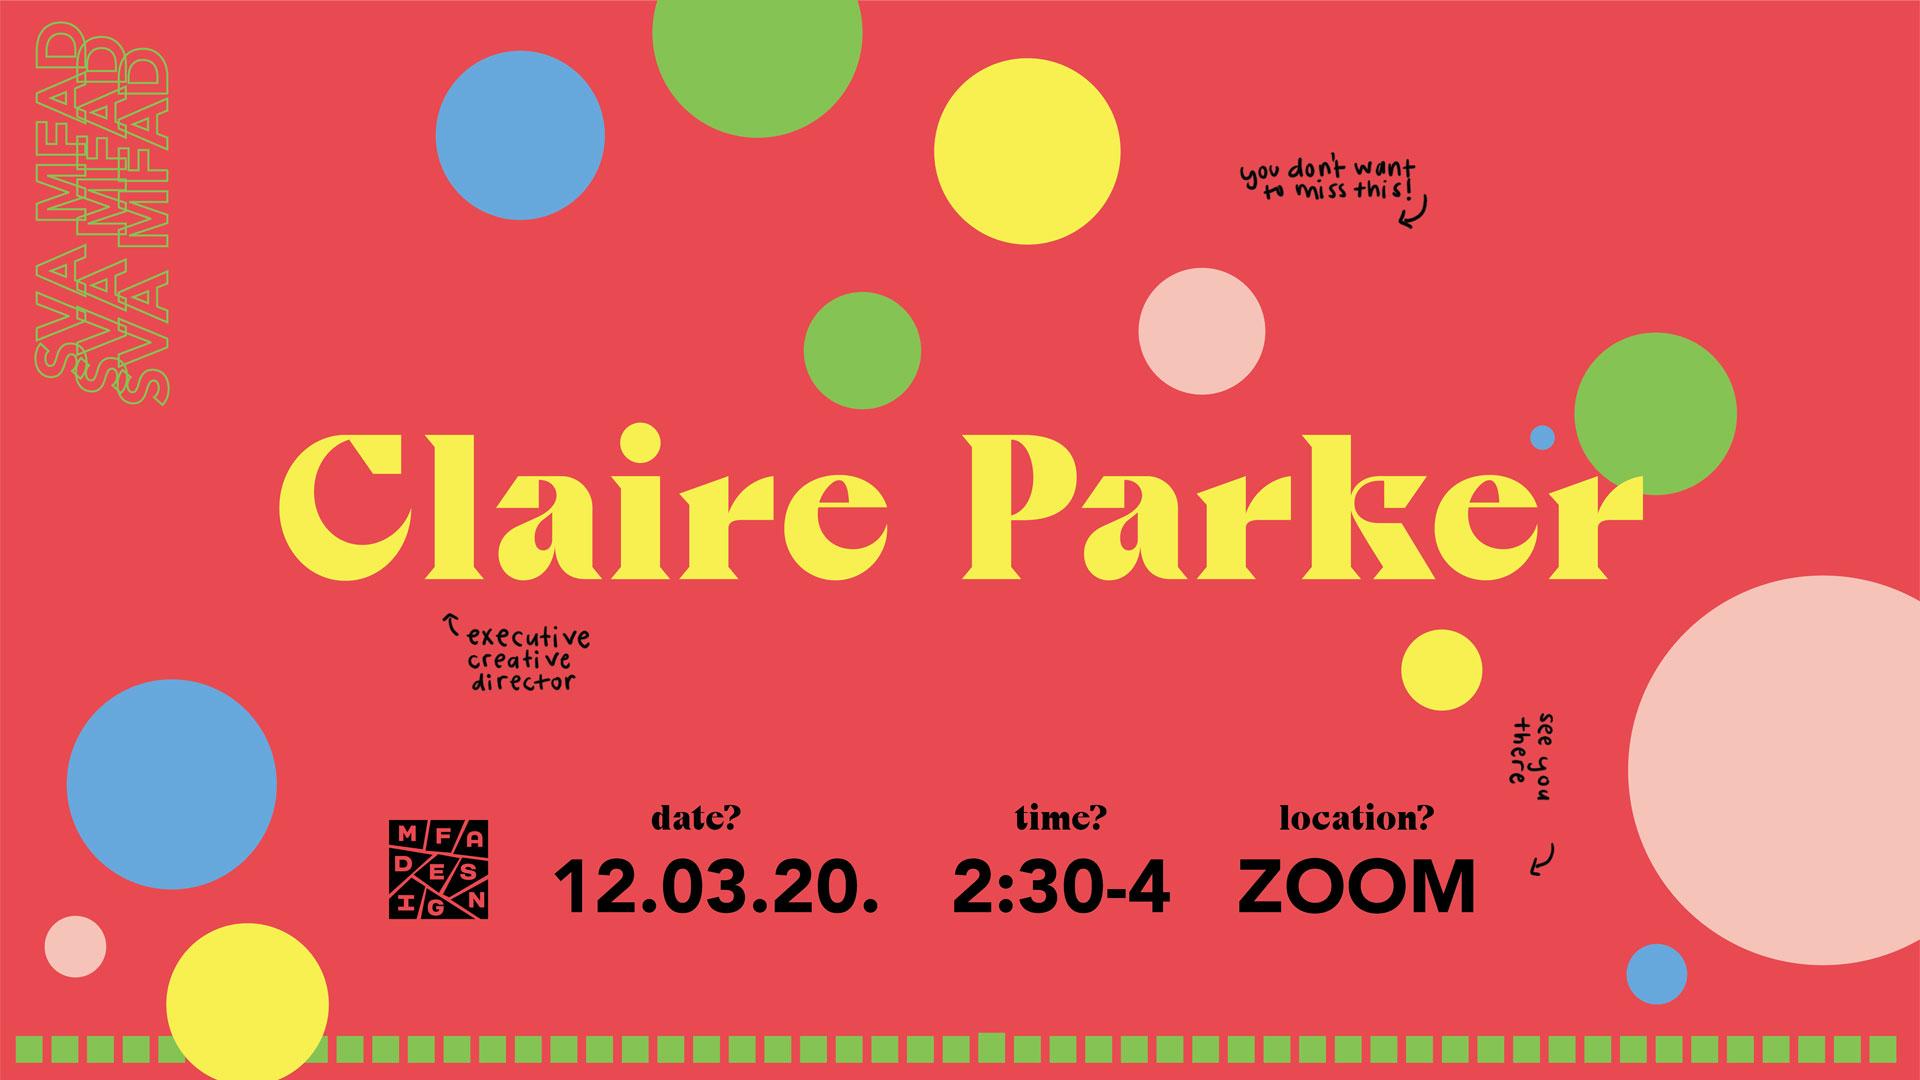 Claire Parker of design bridge guest lecture poster